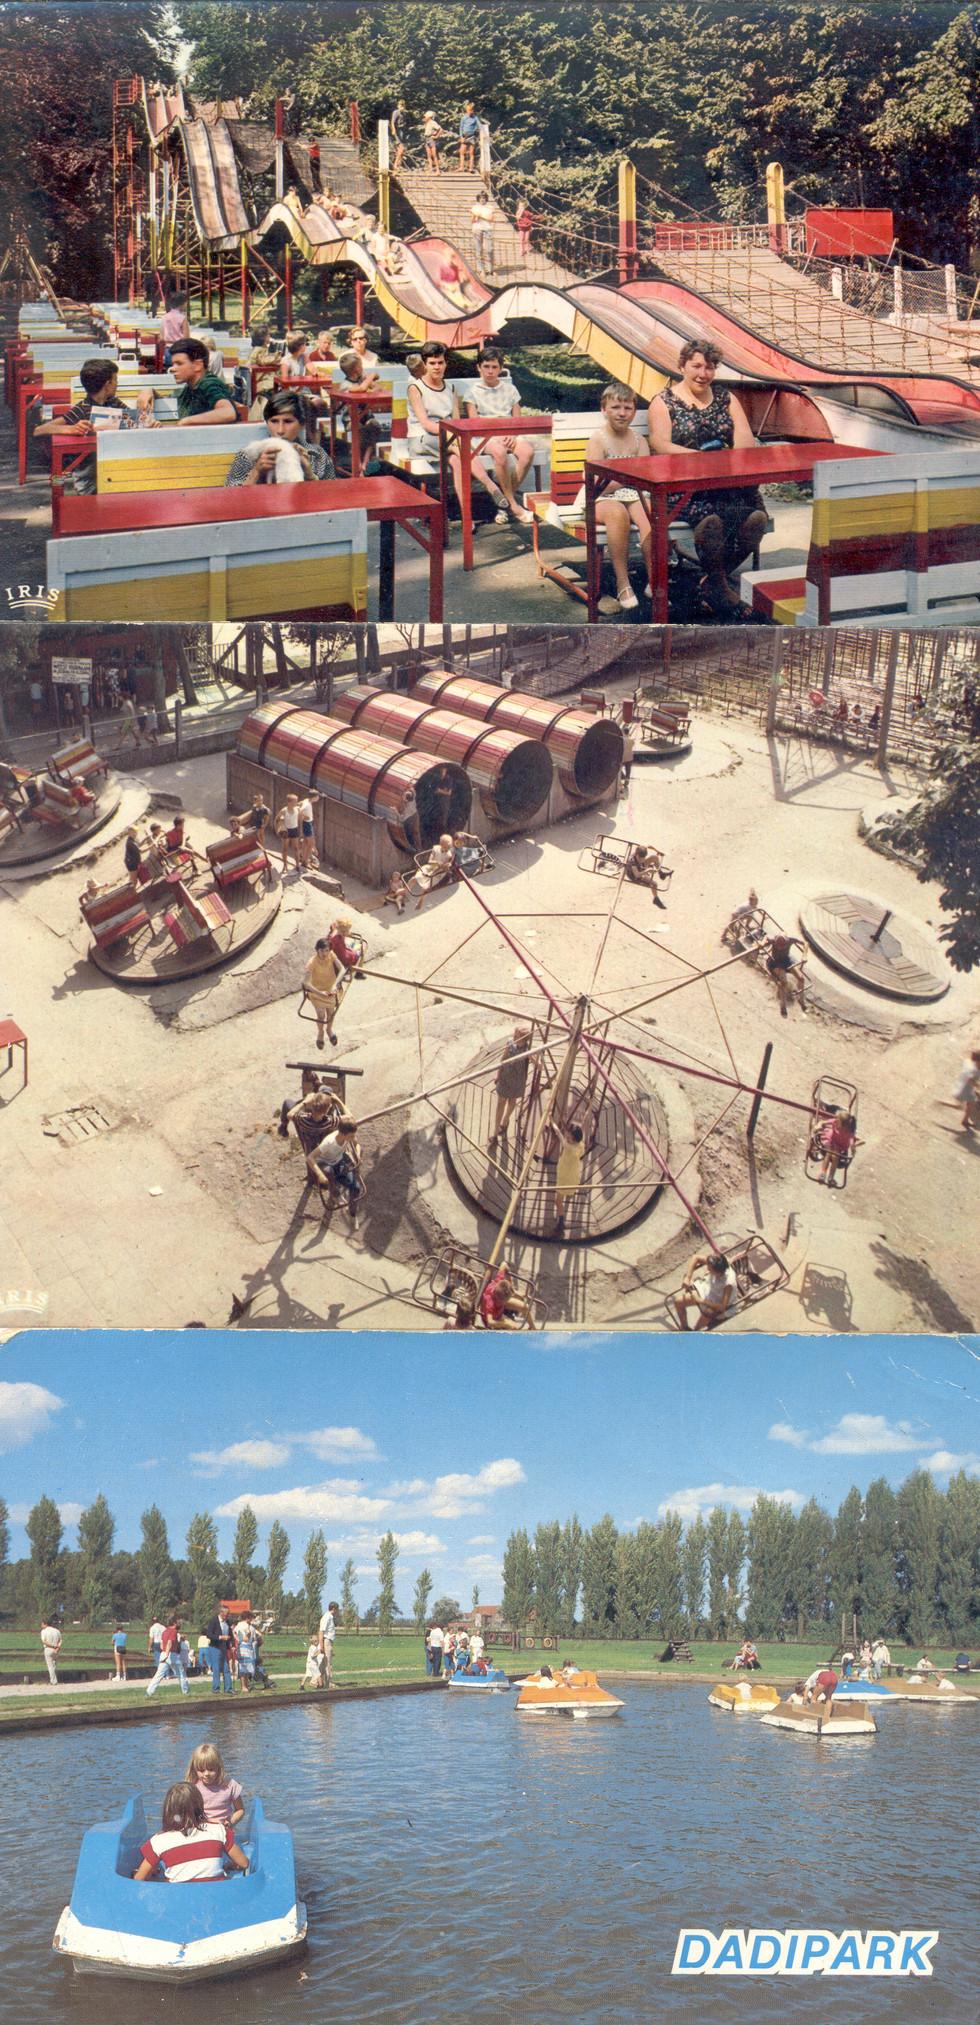 dadipark jaren 70 en 80.jpg